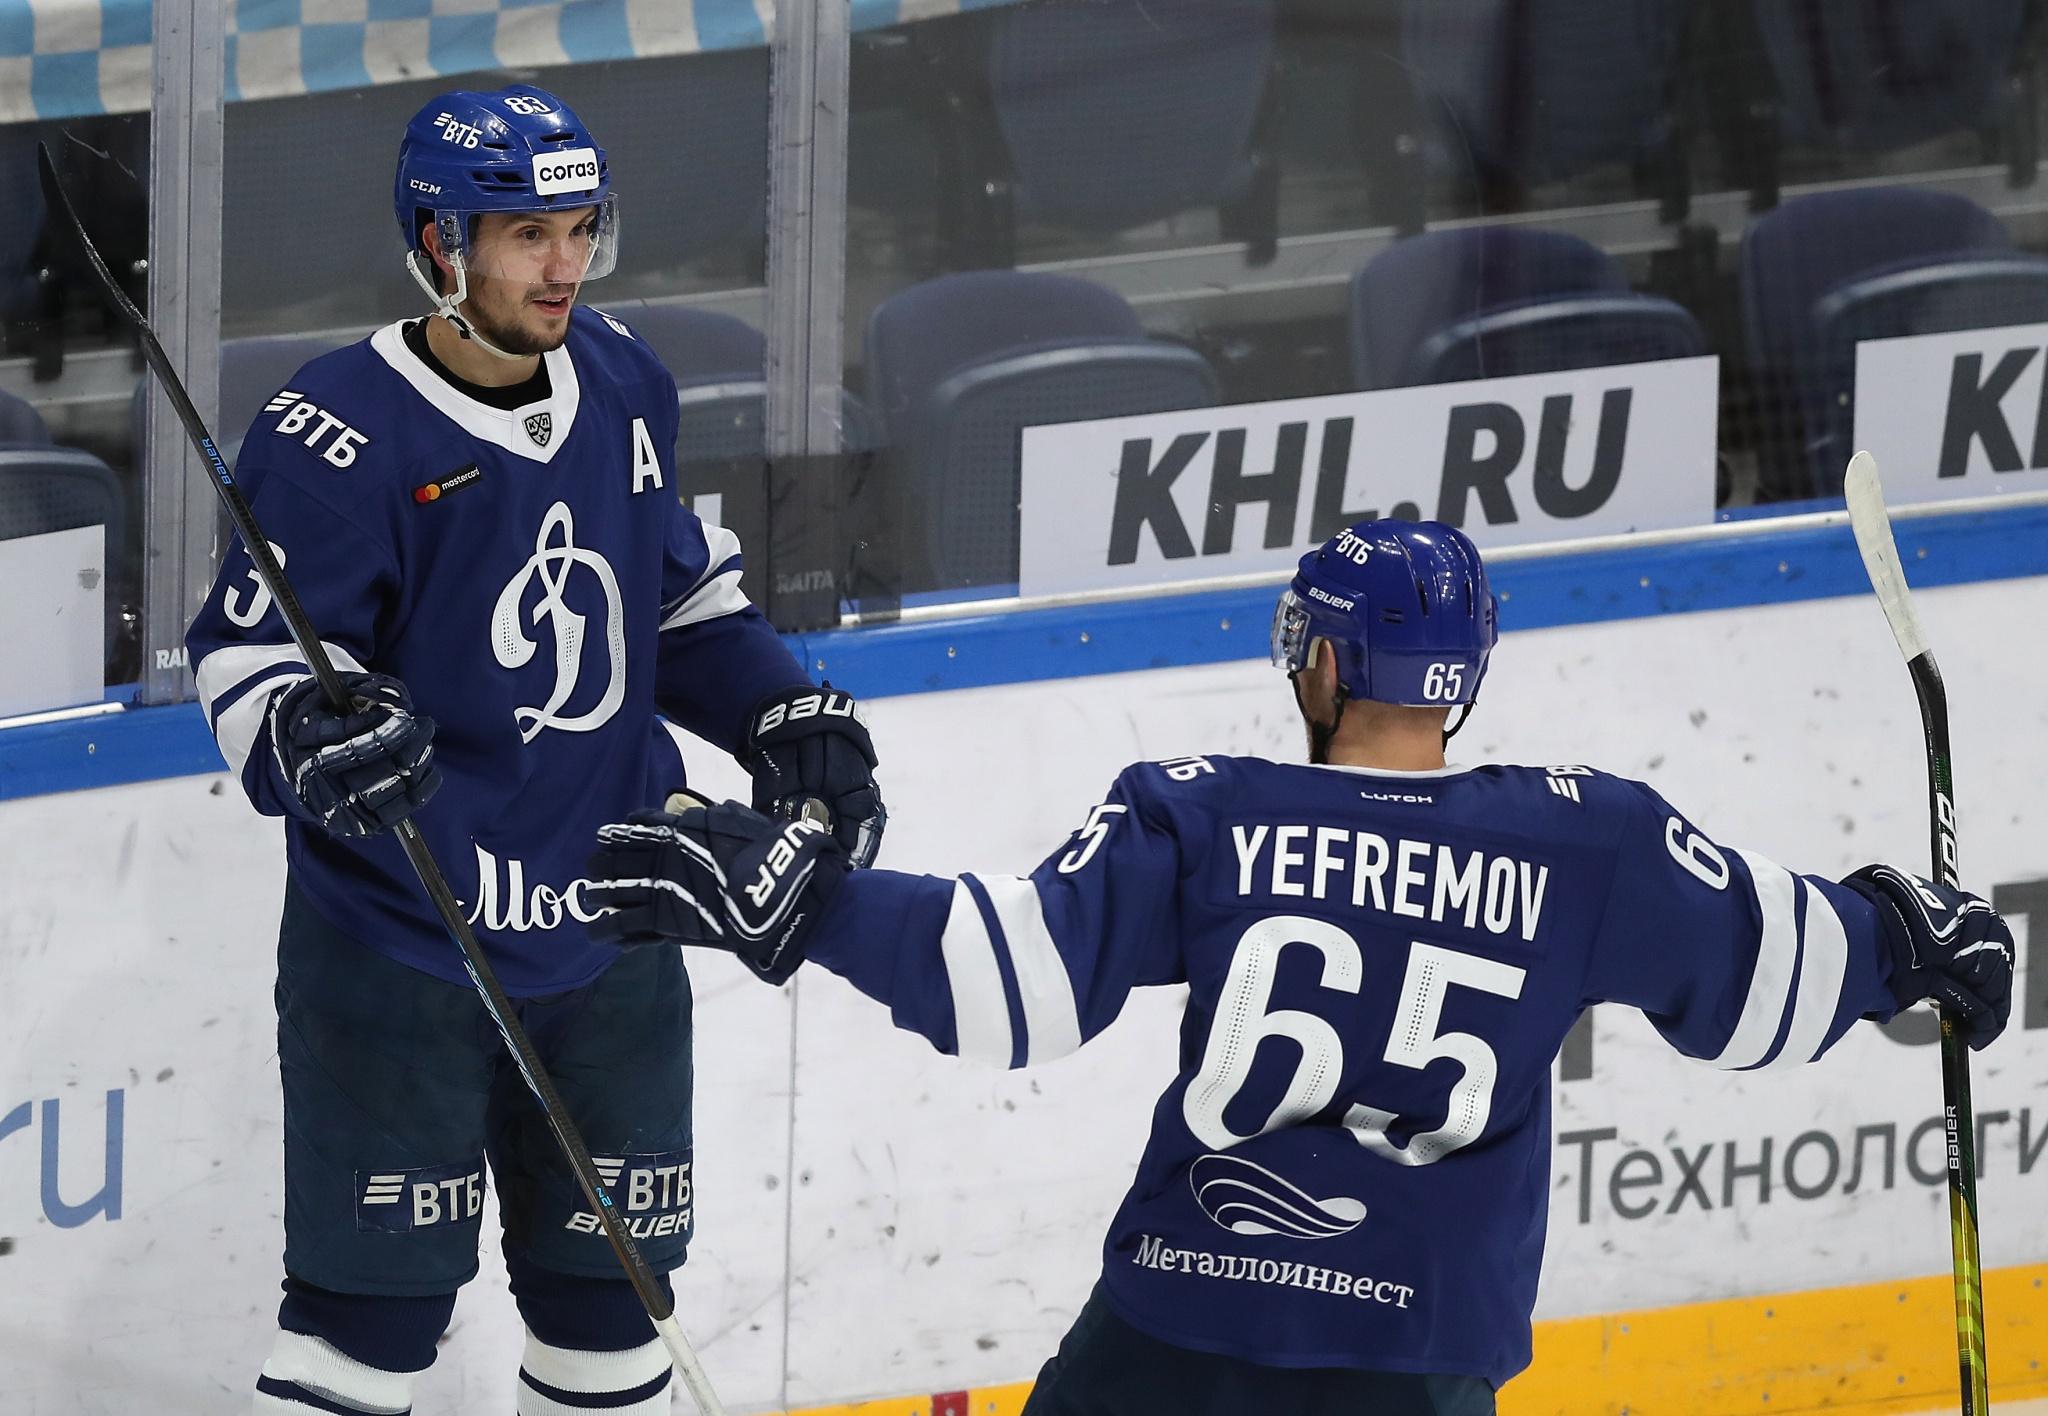 Владимир Брюквин и Владислав Ефремов. Фото: Юрий Кузьмин